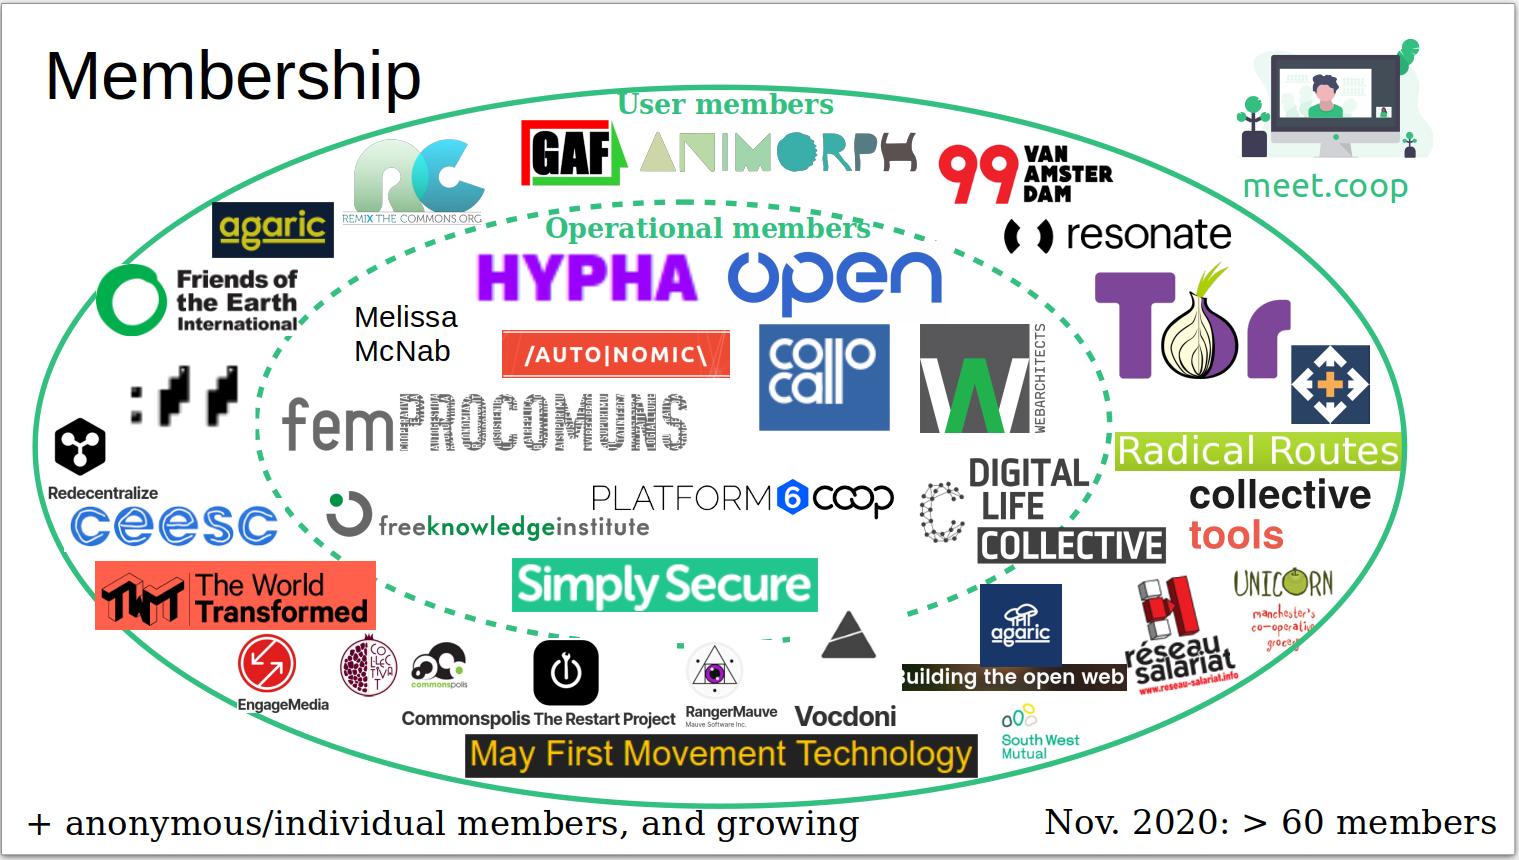 Meet.coop_membership_20112020